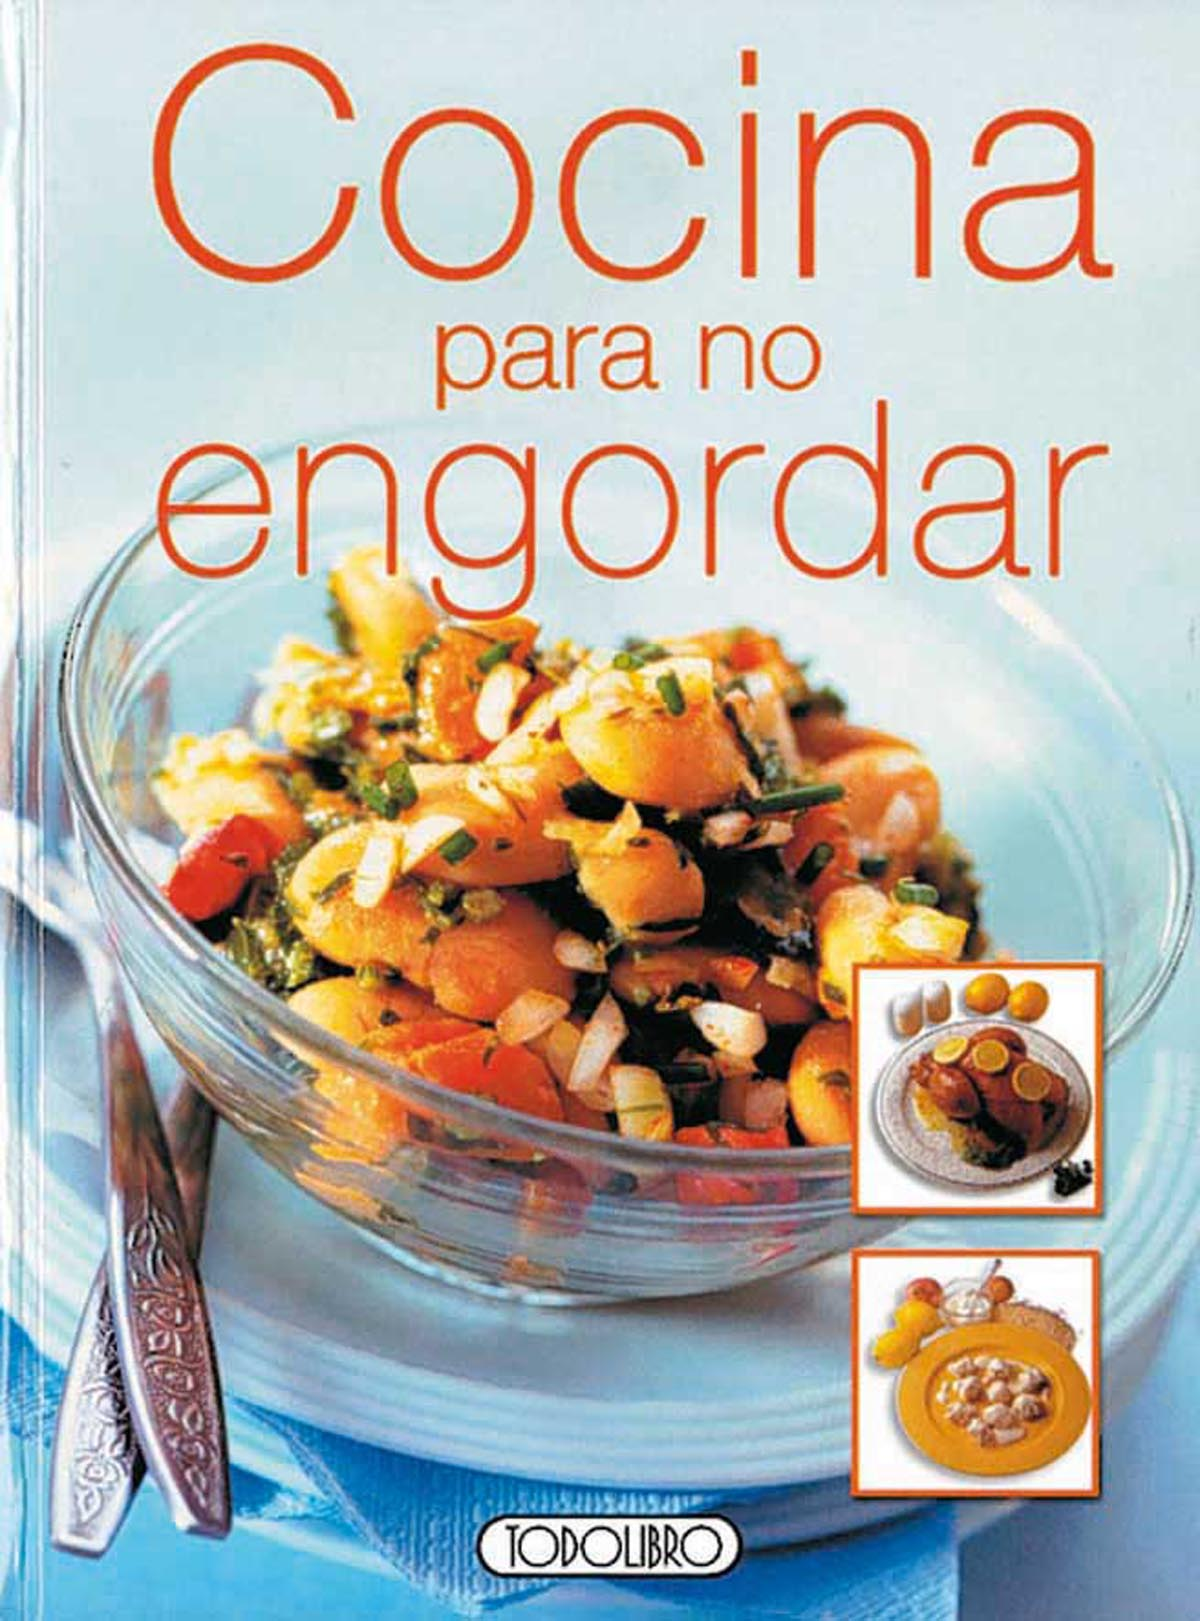 Libro recetas cocina todolibro castellano cocina para no engordar todo libro libros - Cocina para todos ...